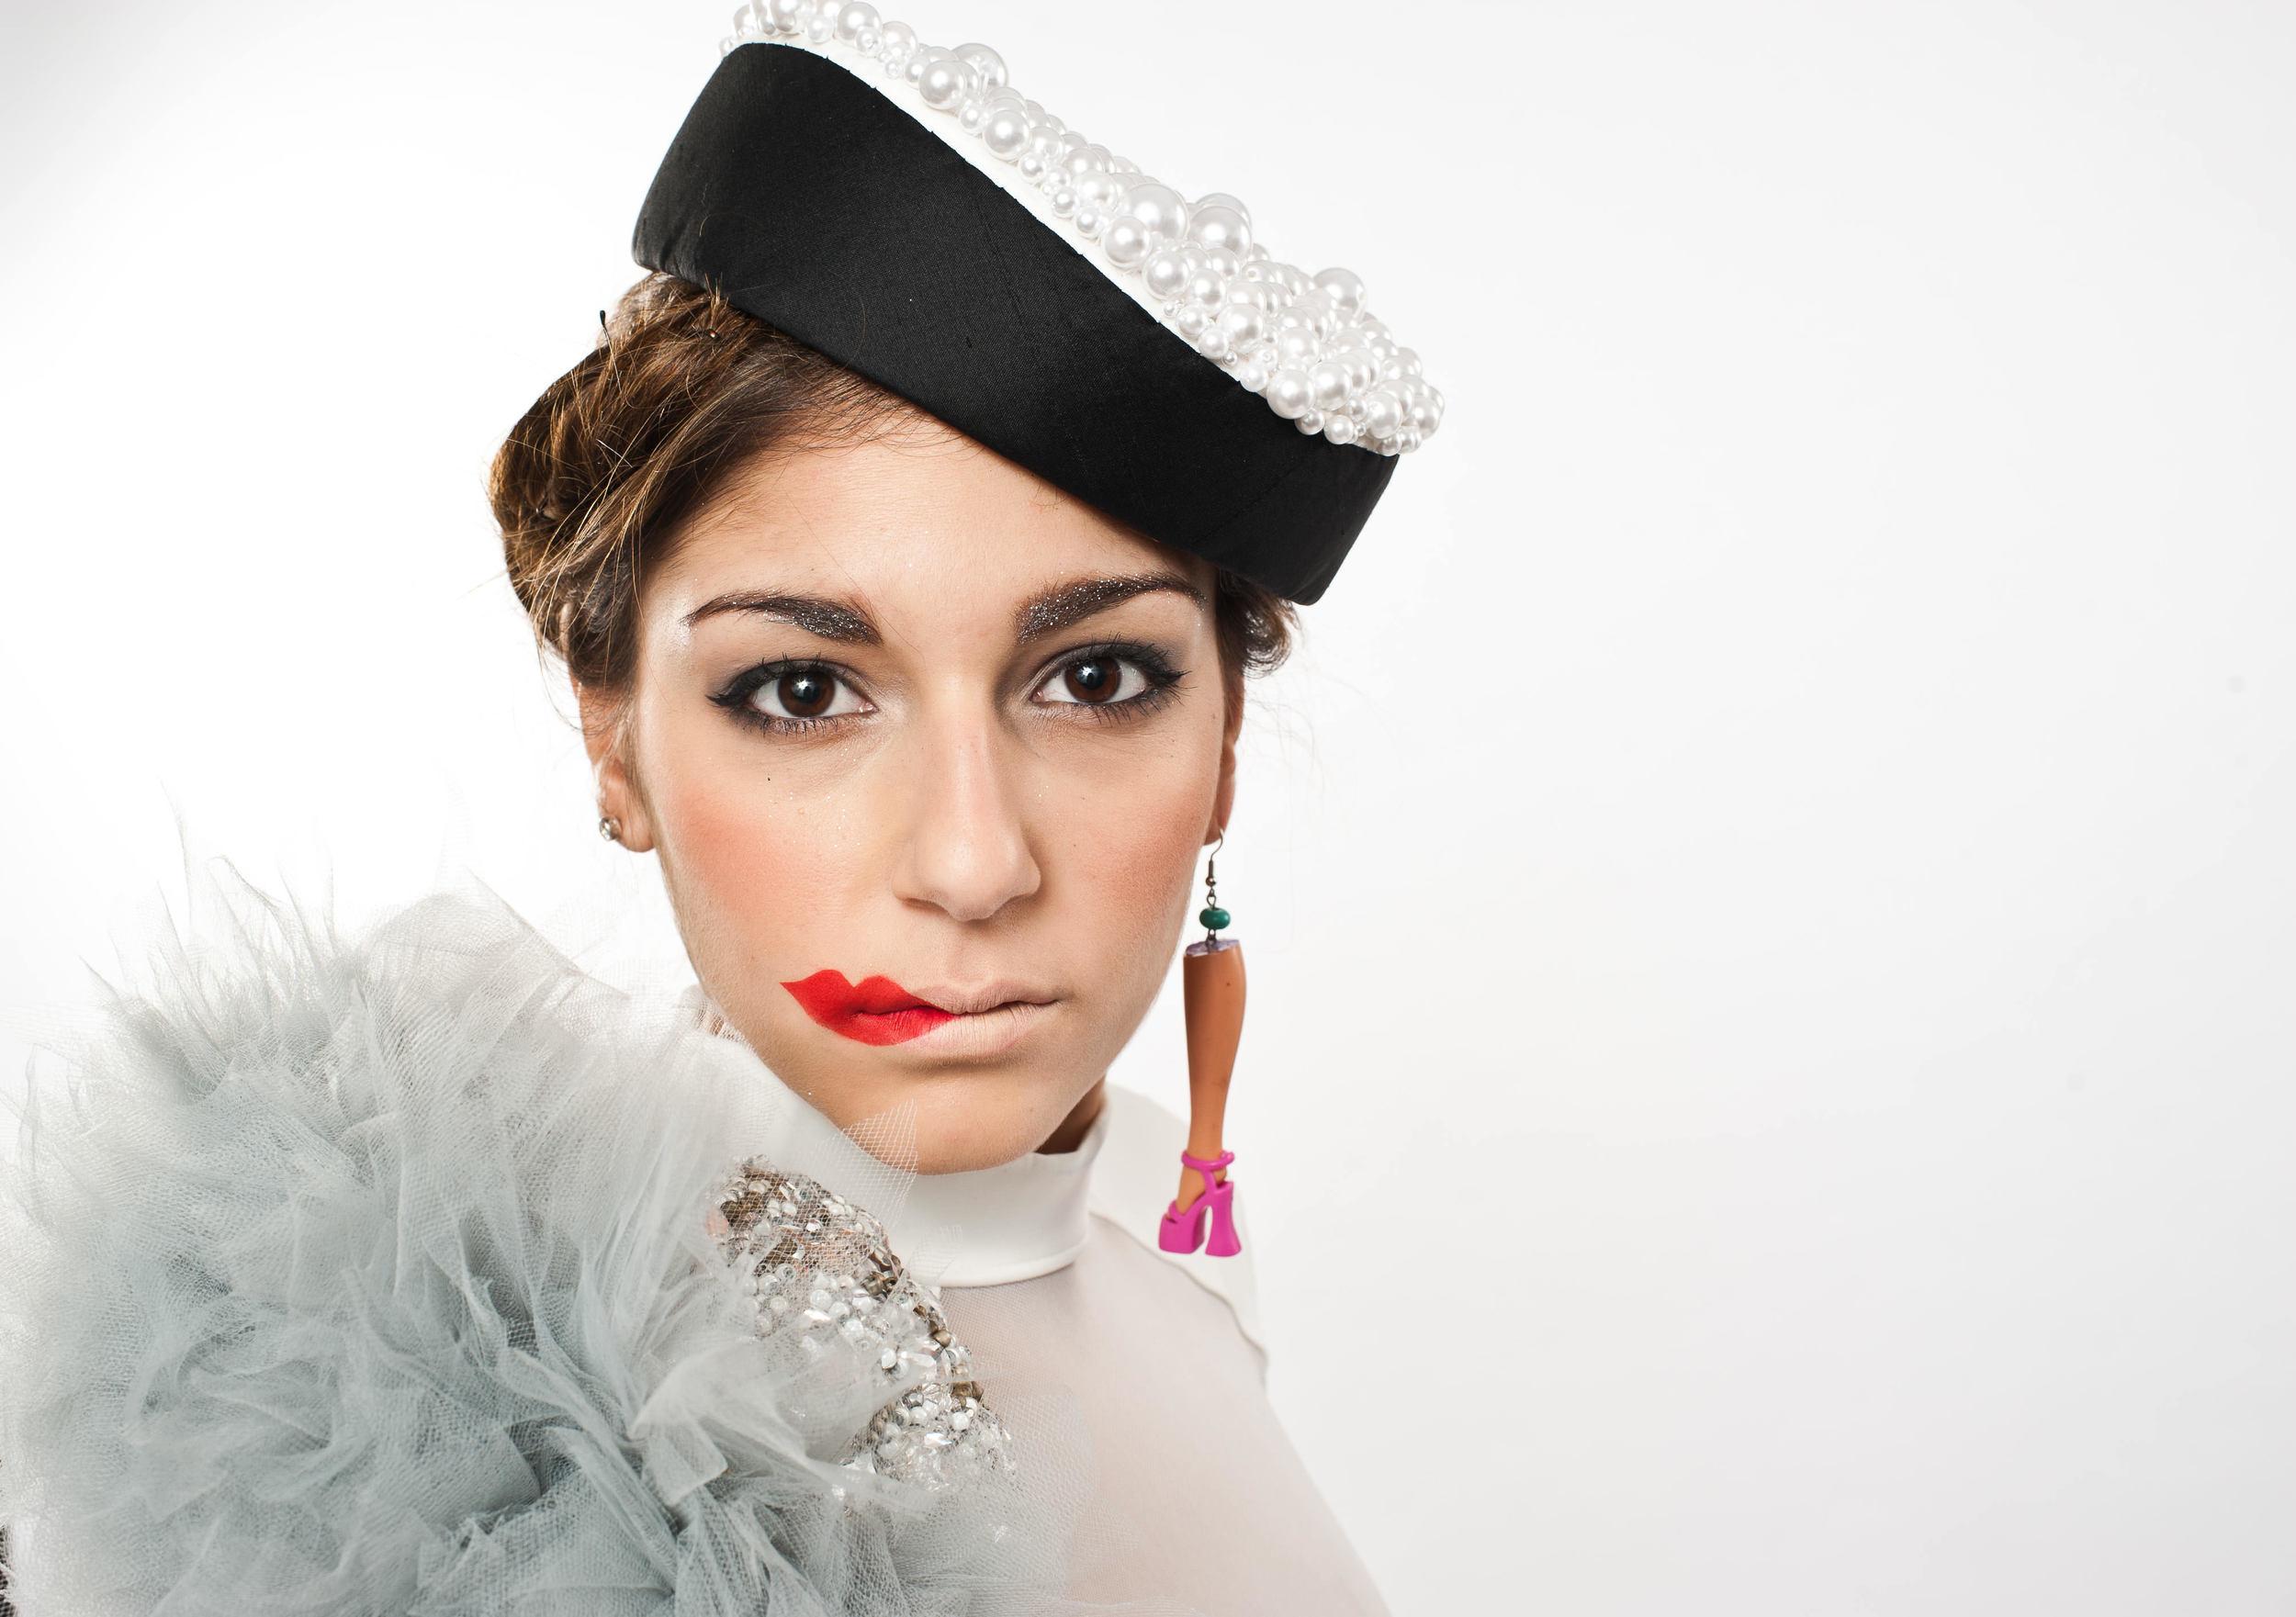 singer Pharella official